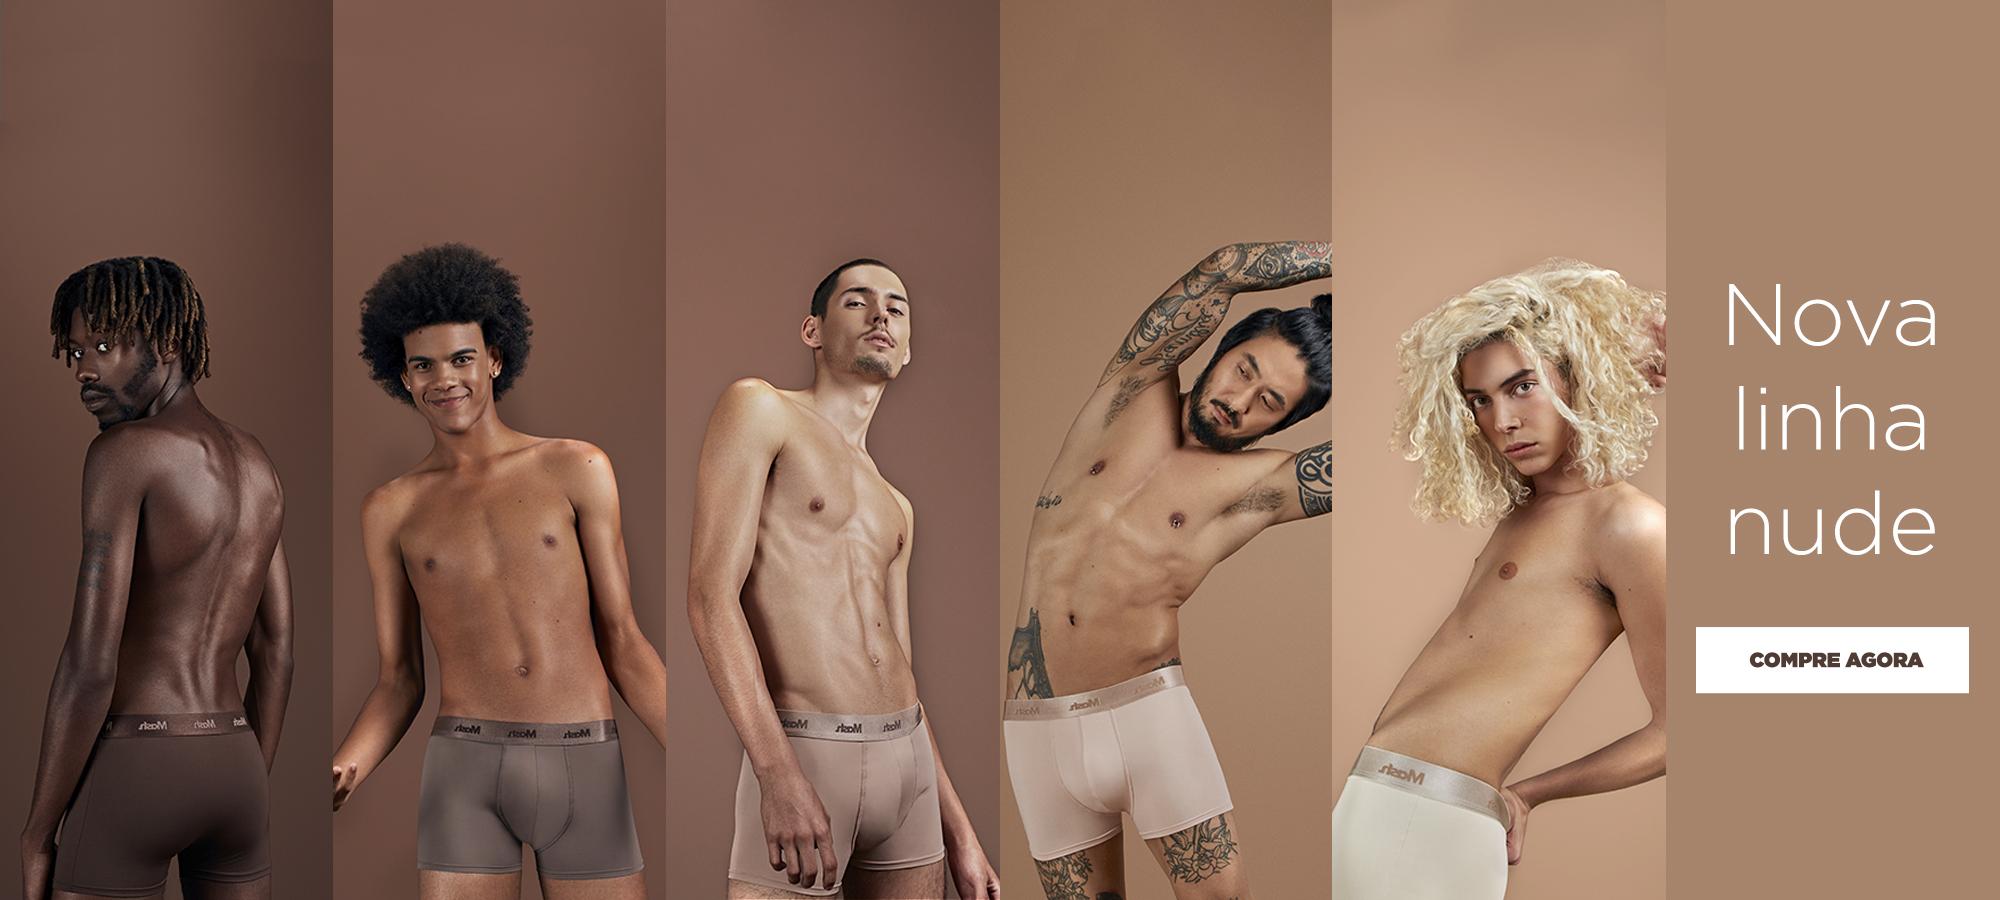 Coleção Nude